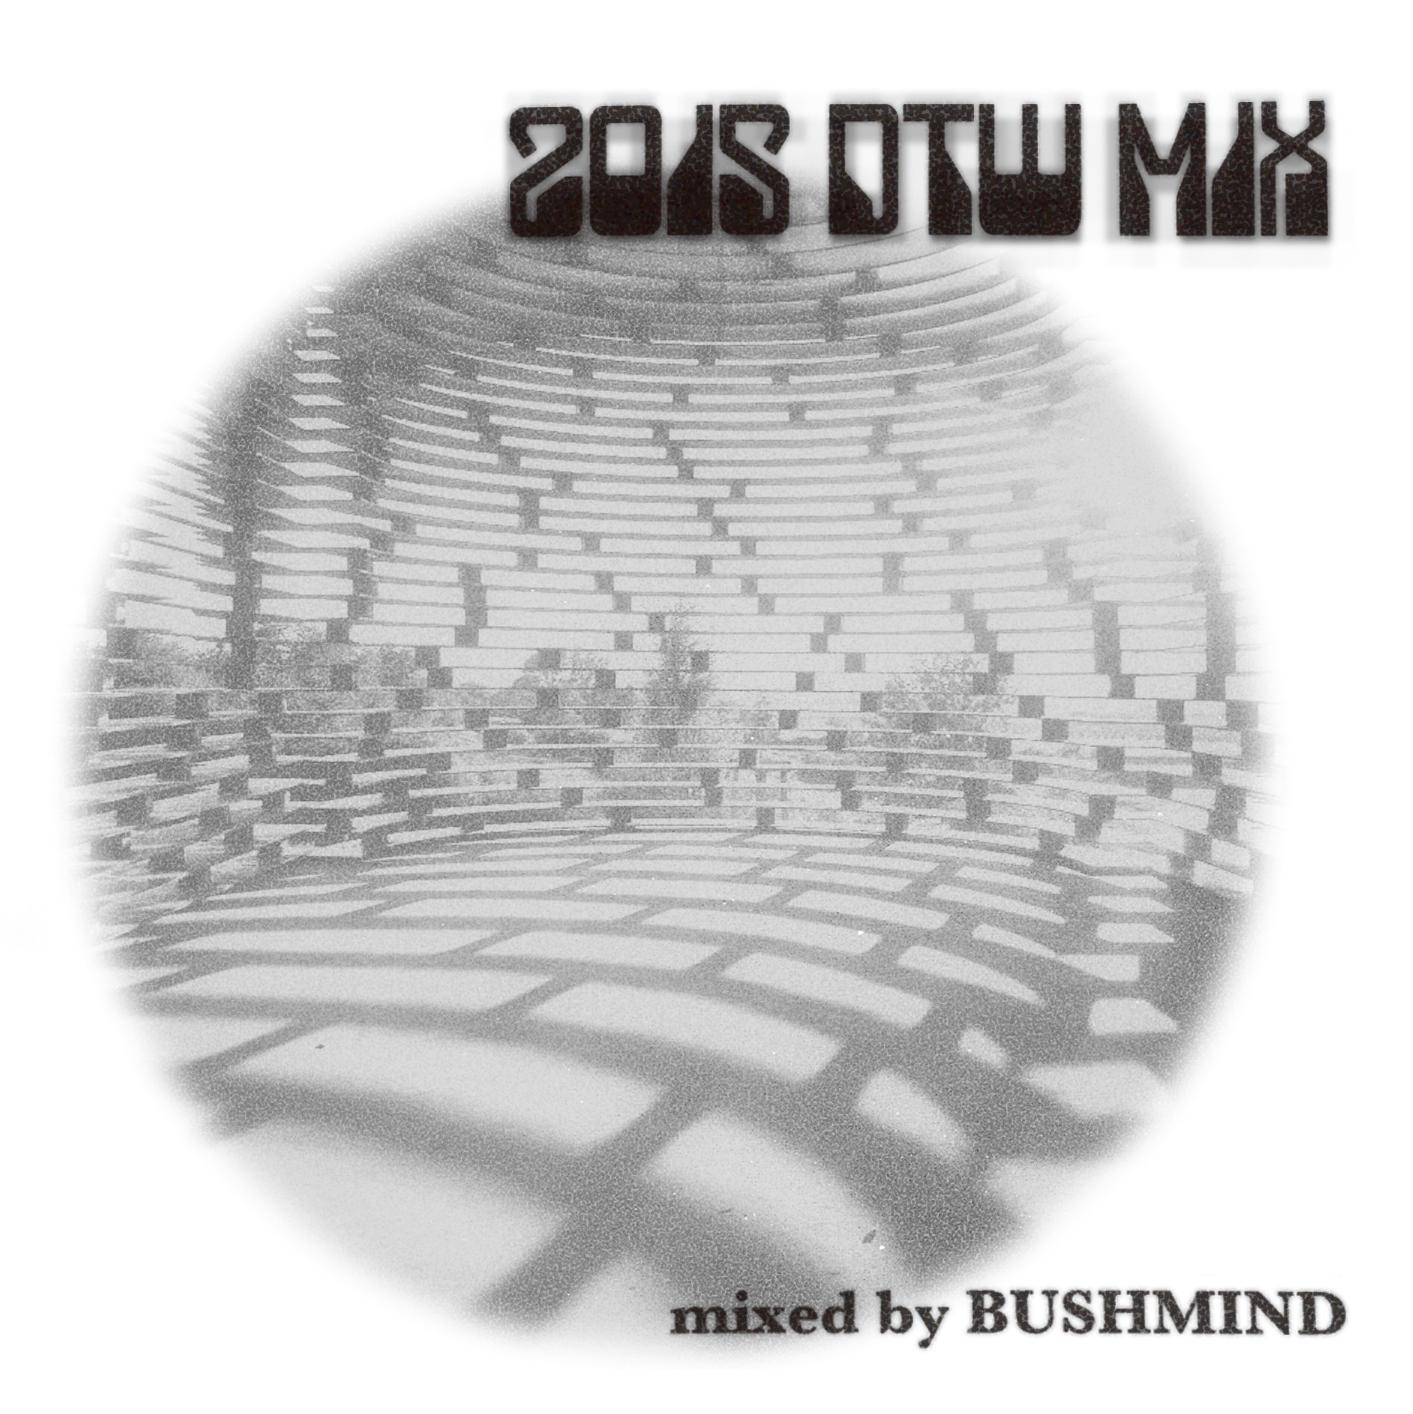 MIX CD/BUSHMIND 2015 DTW MIX MAX FREEMANの興奮冷めやらぬブッシュマインドのミックスCD到着ー!